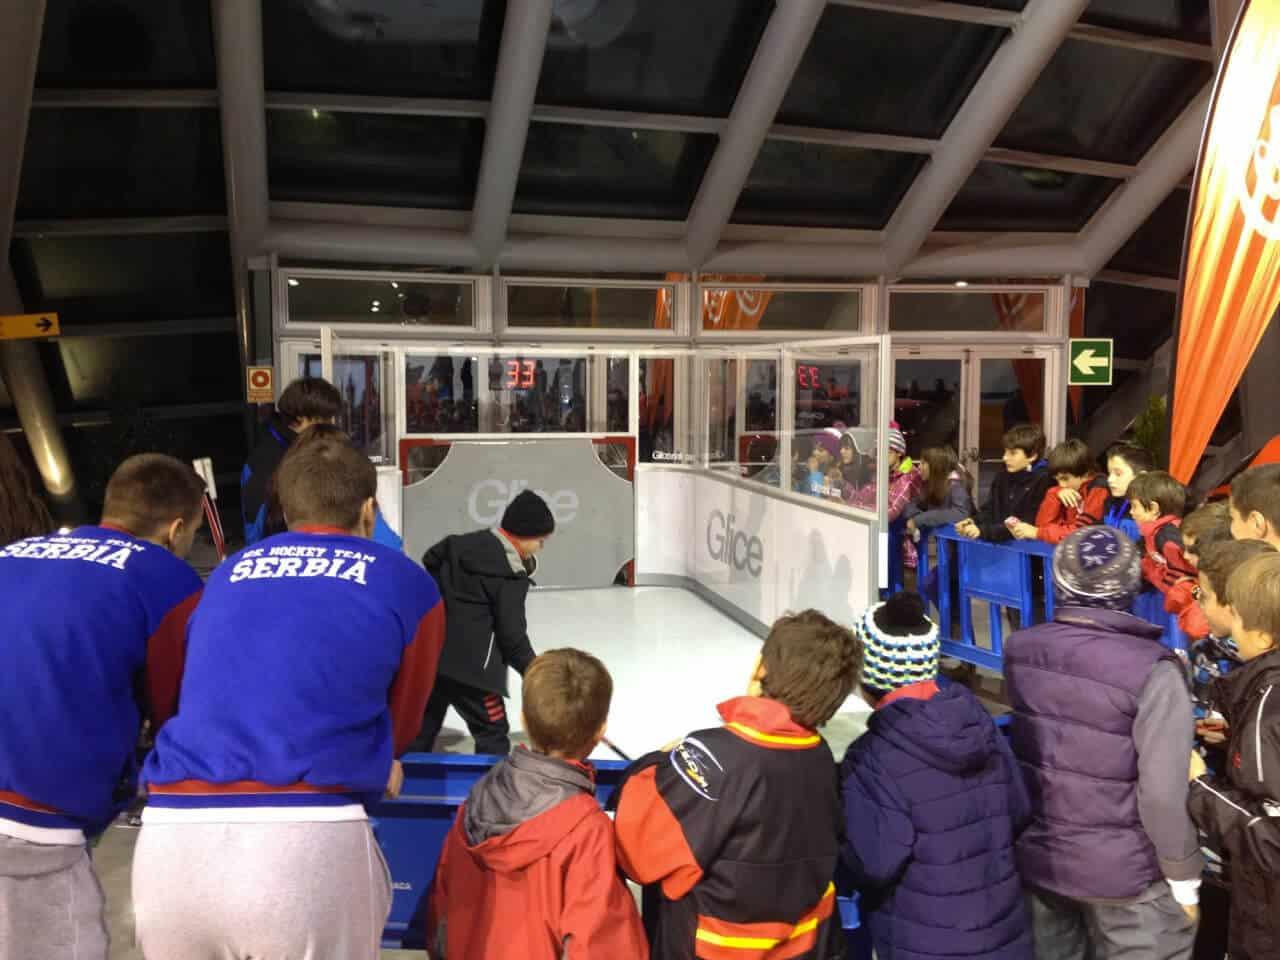 Shooting at artificial ice slapshot station